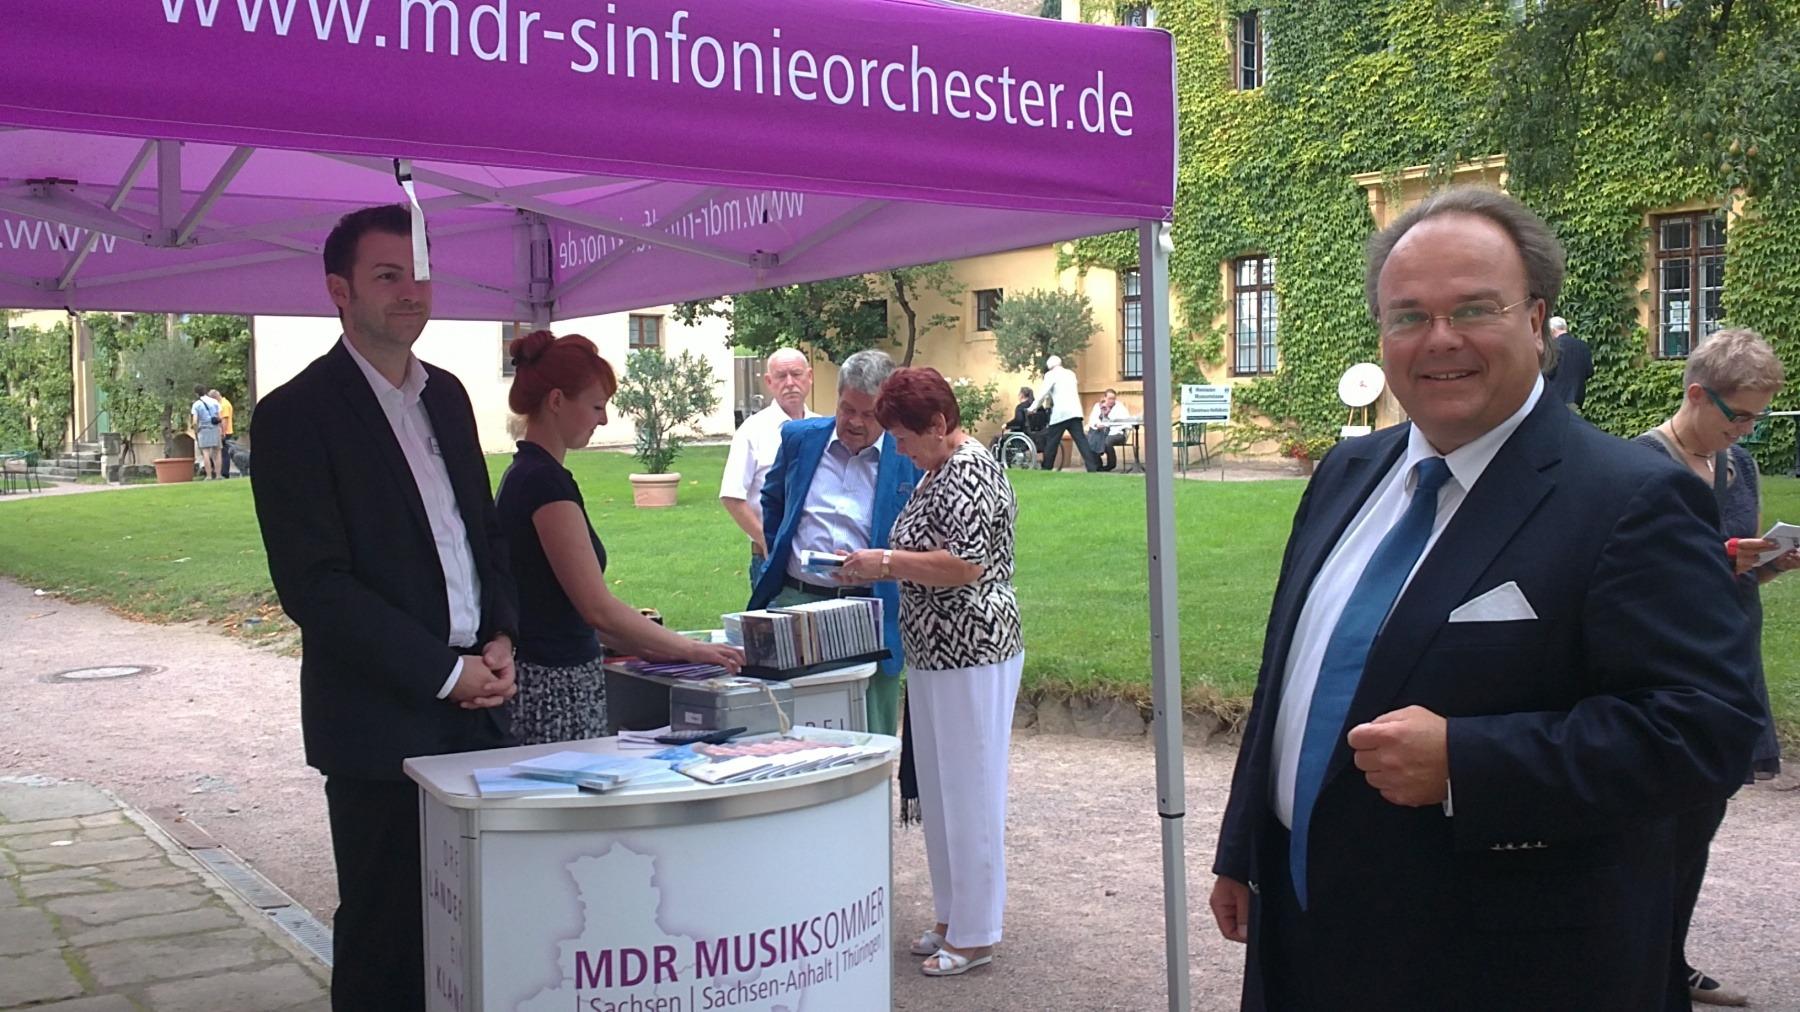 mdr-musiksommer Konzert mit KS Martin Petzold